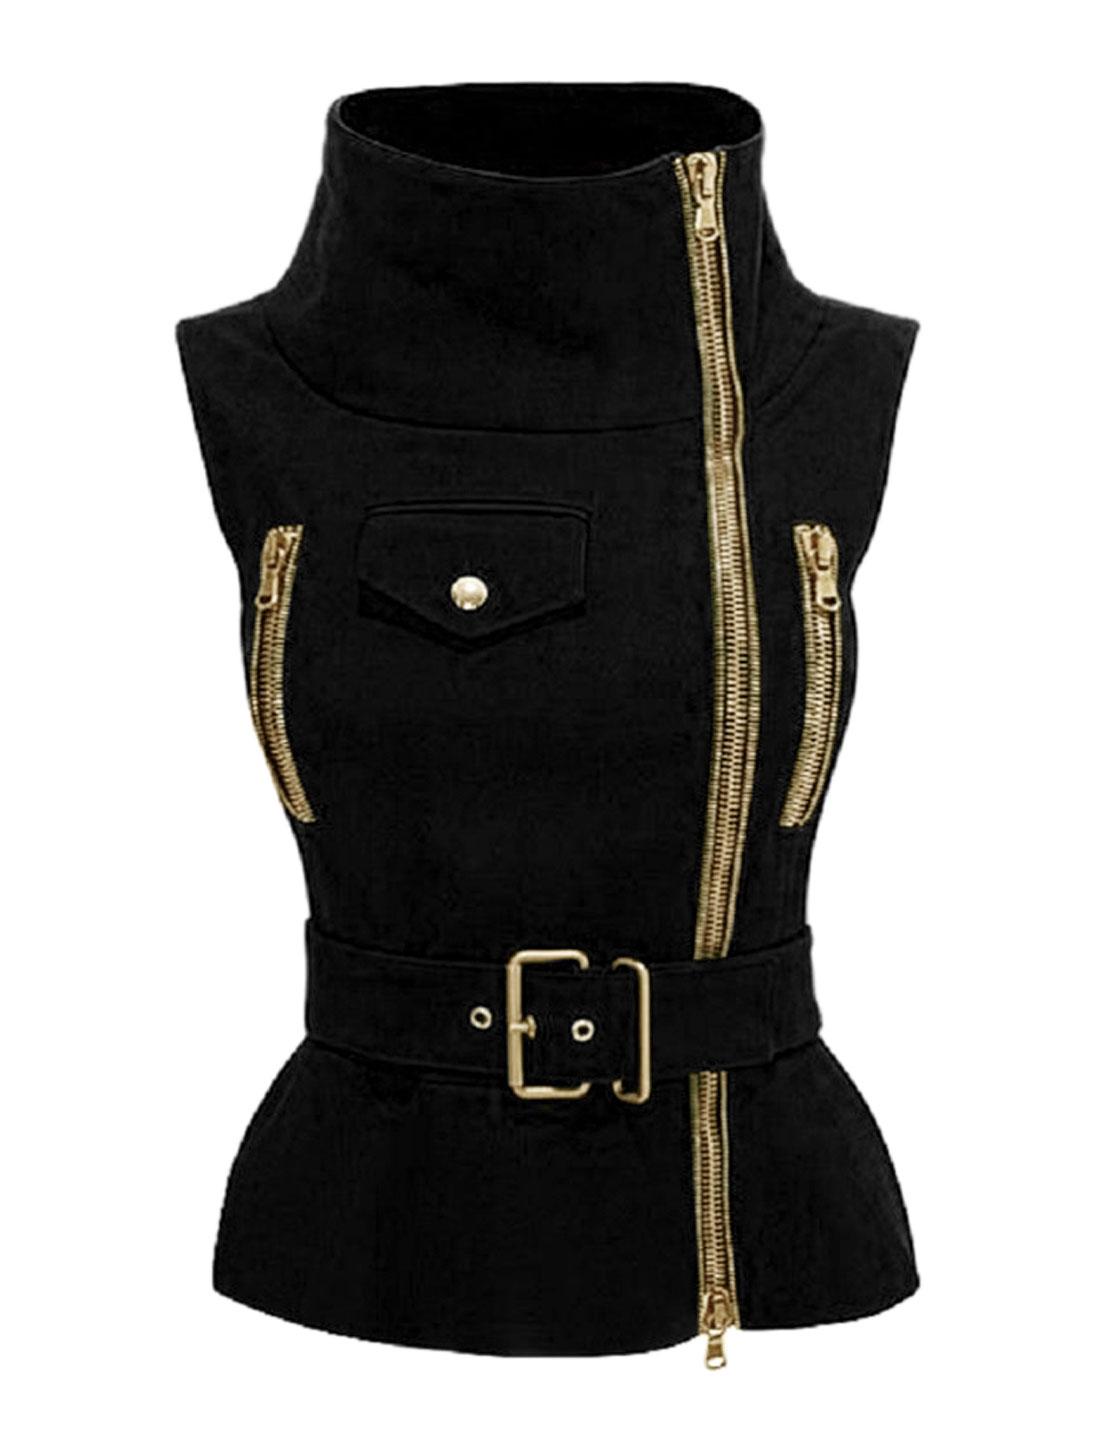 Women Funnel Neck Exposed Zip Up Belted Slim Fit Vest Jacket Black L